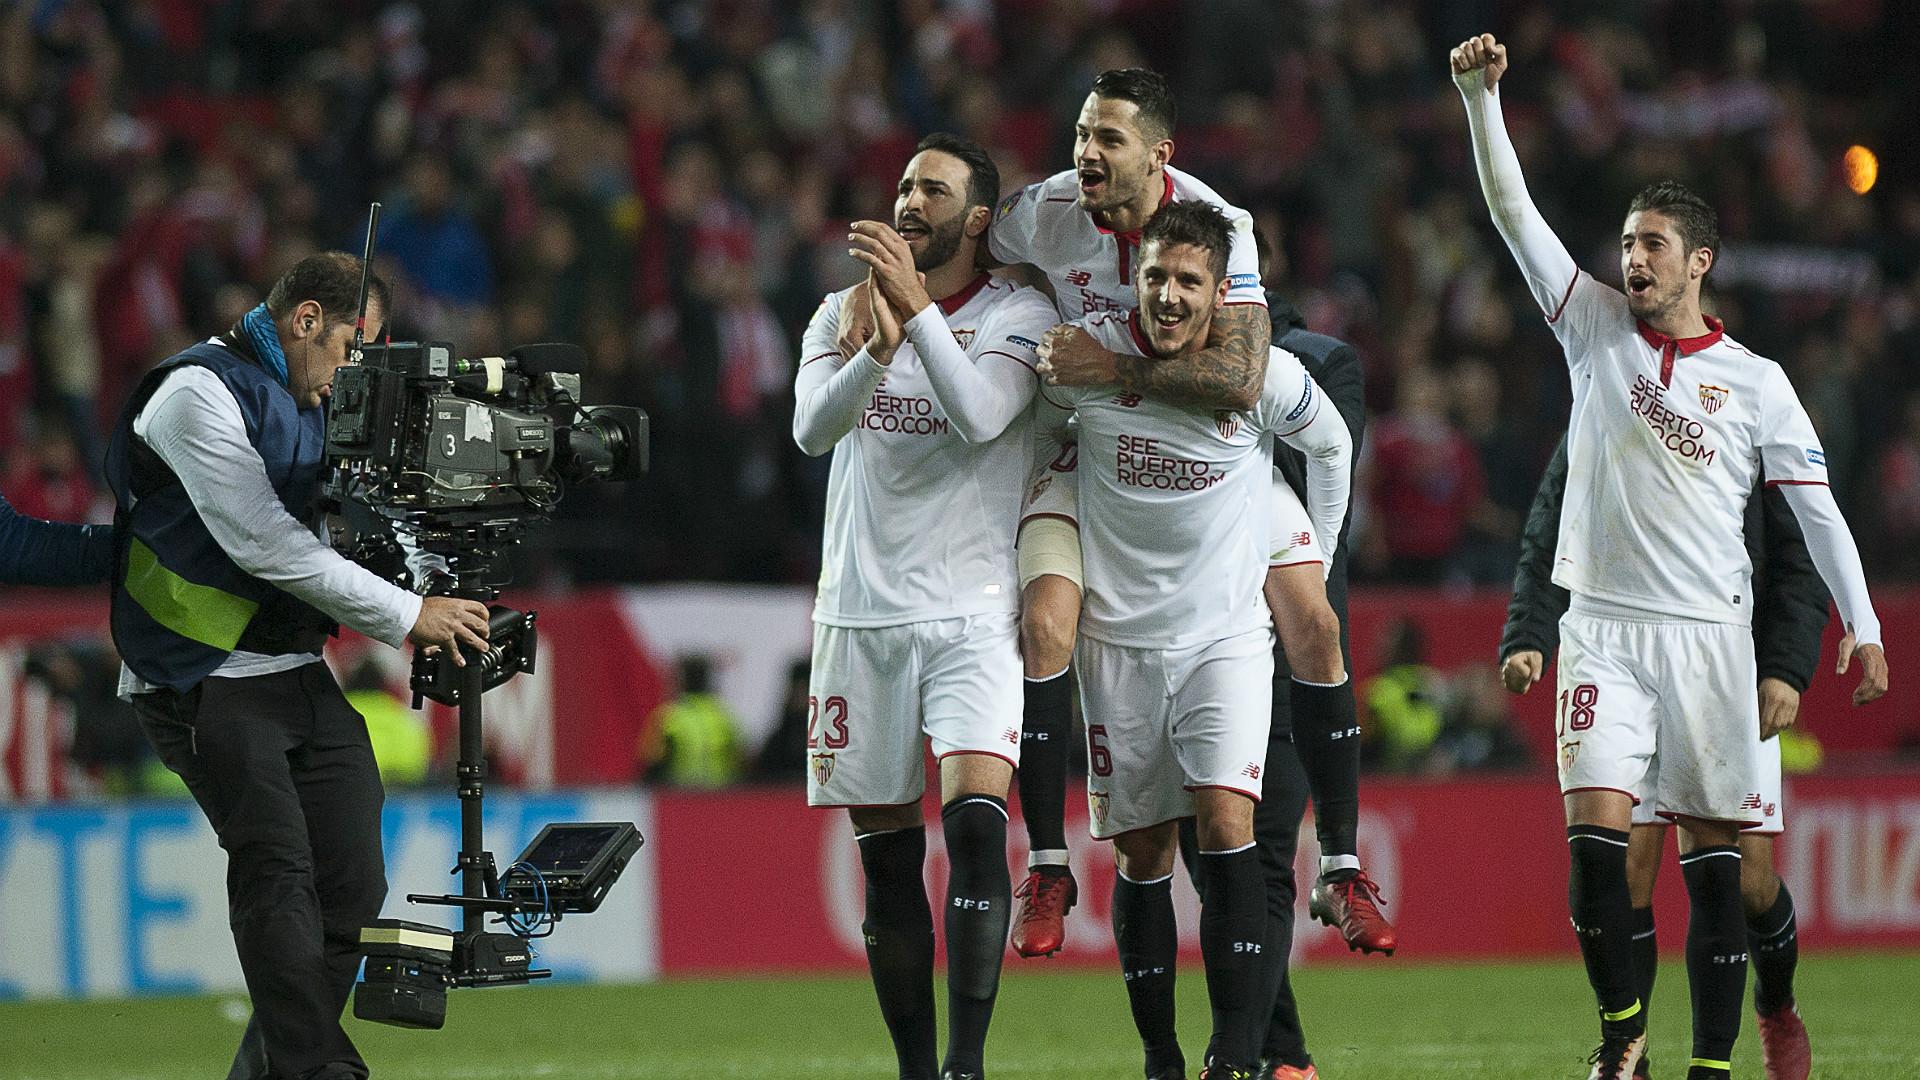 Pincha el Madrid en Sevilla, se abre la Liga. Los andaluces a 1 punto, el Barça a 2.